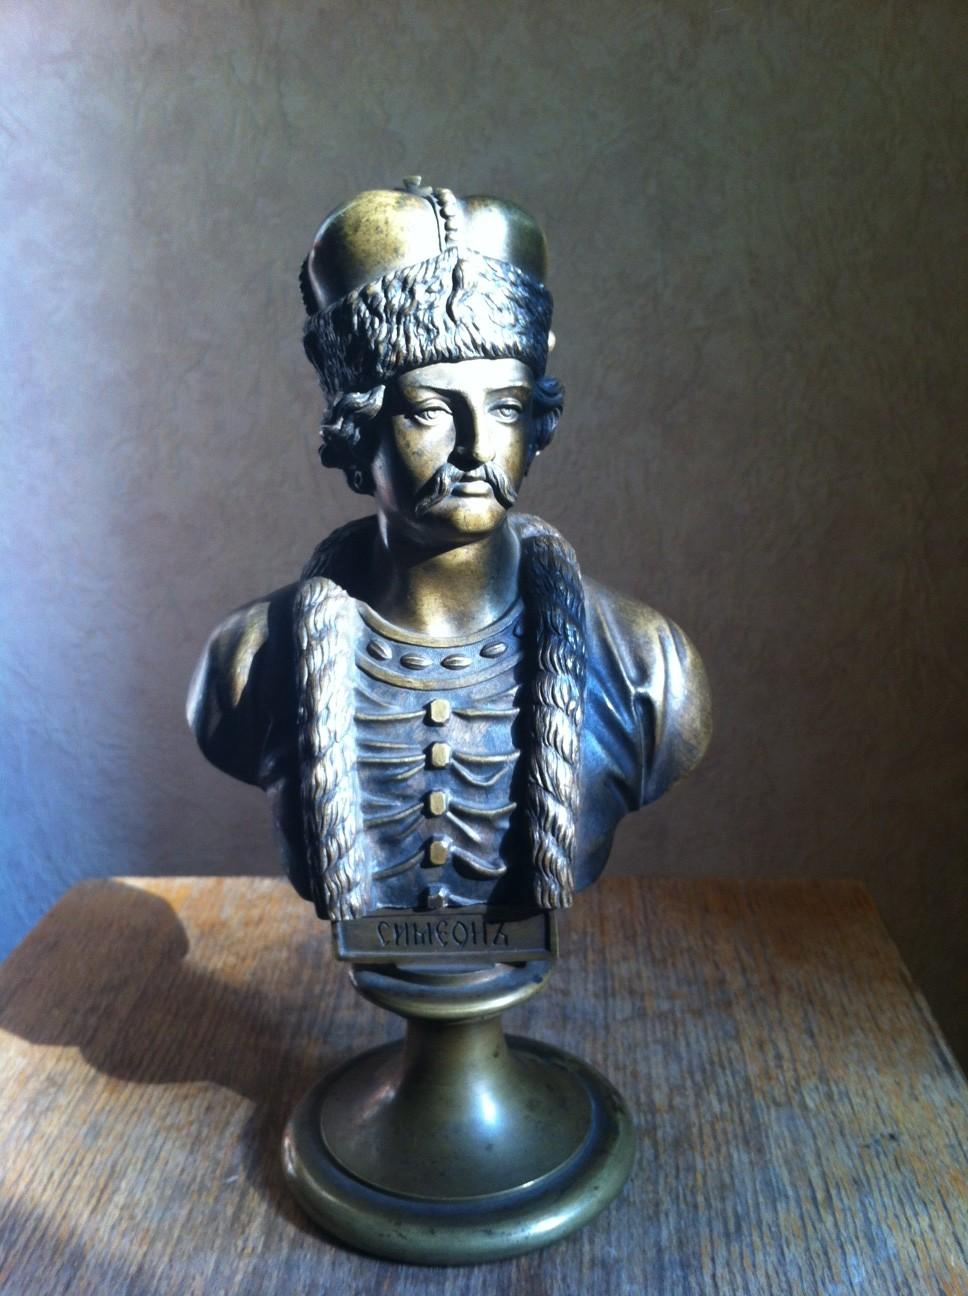 Chopins-bust-gallery - semeon-bronze-bust-Russian-Tsar